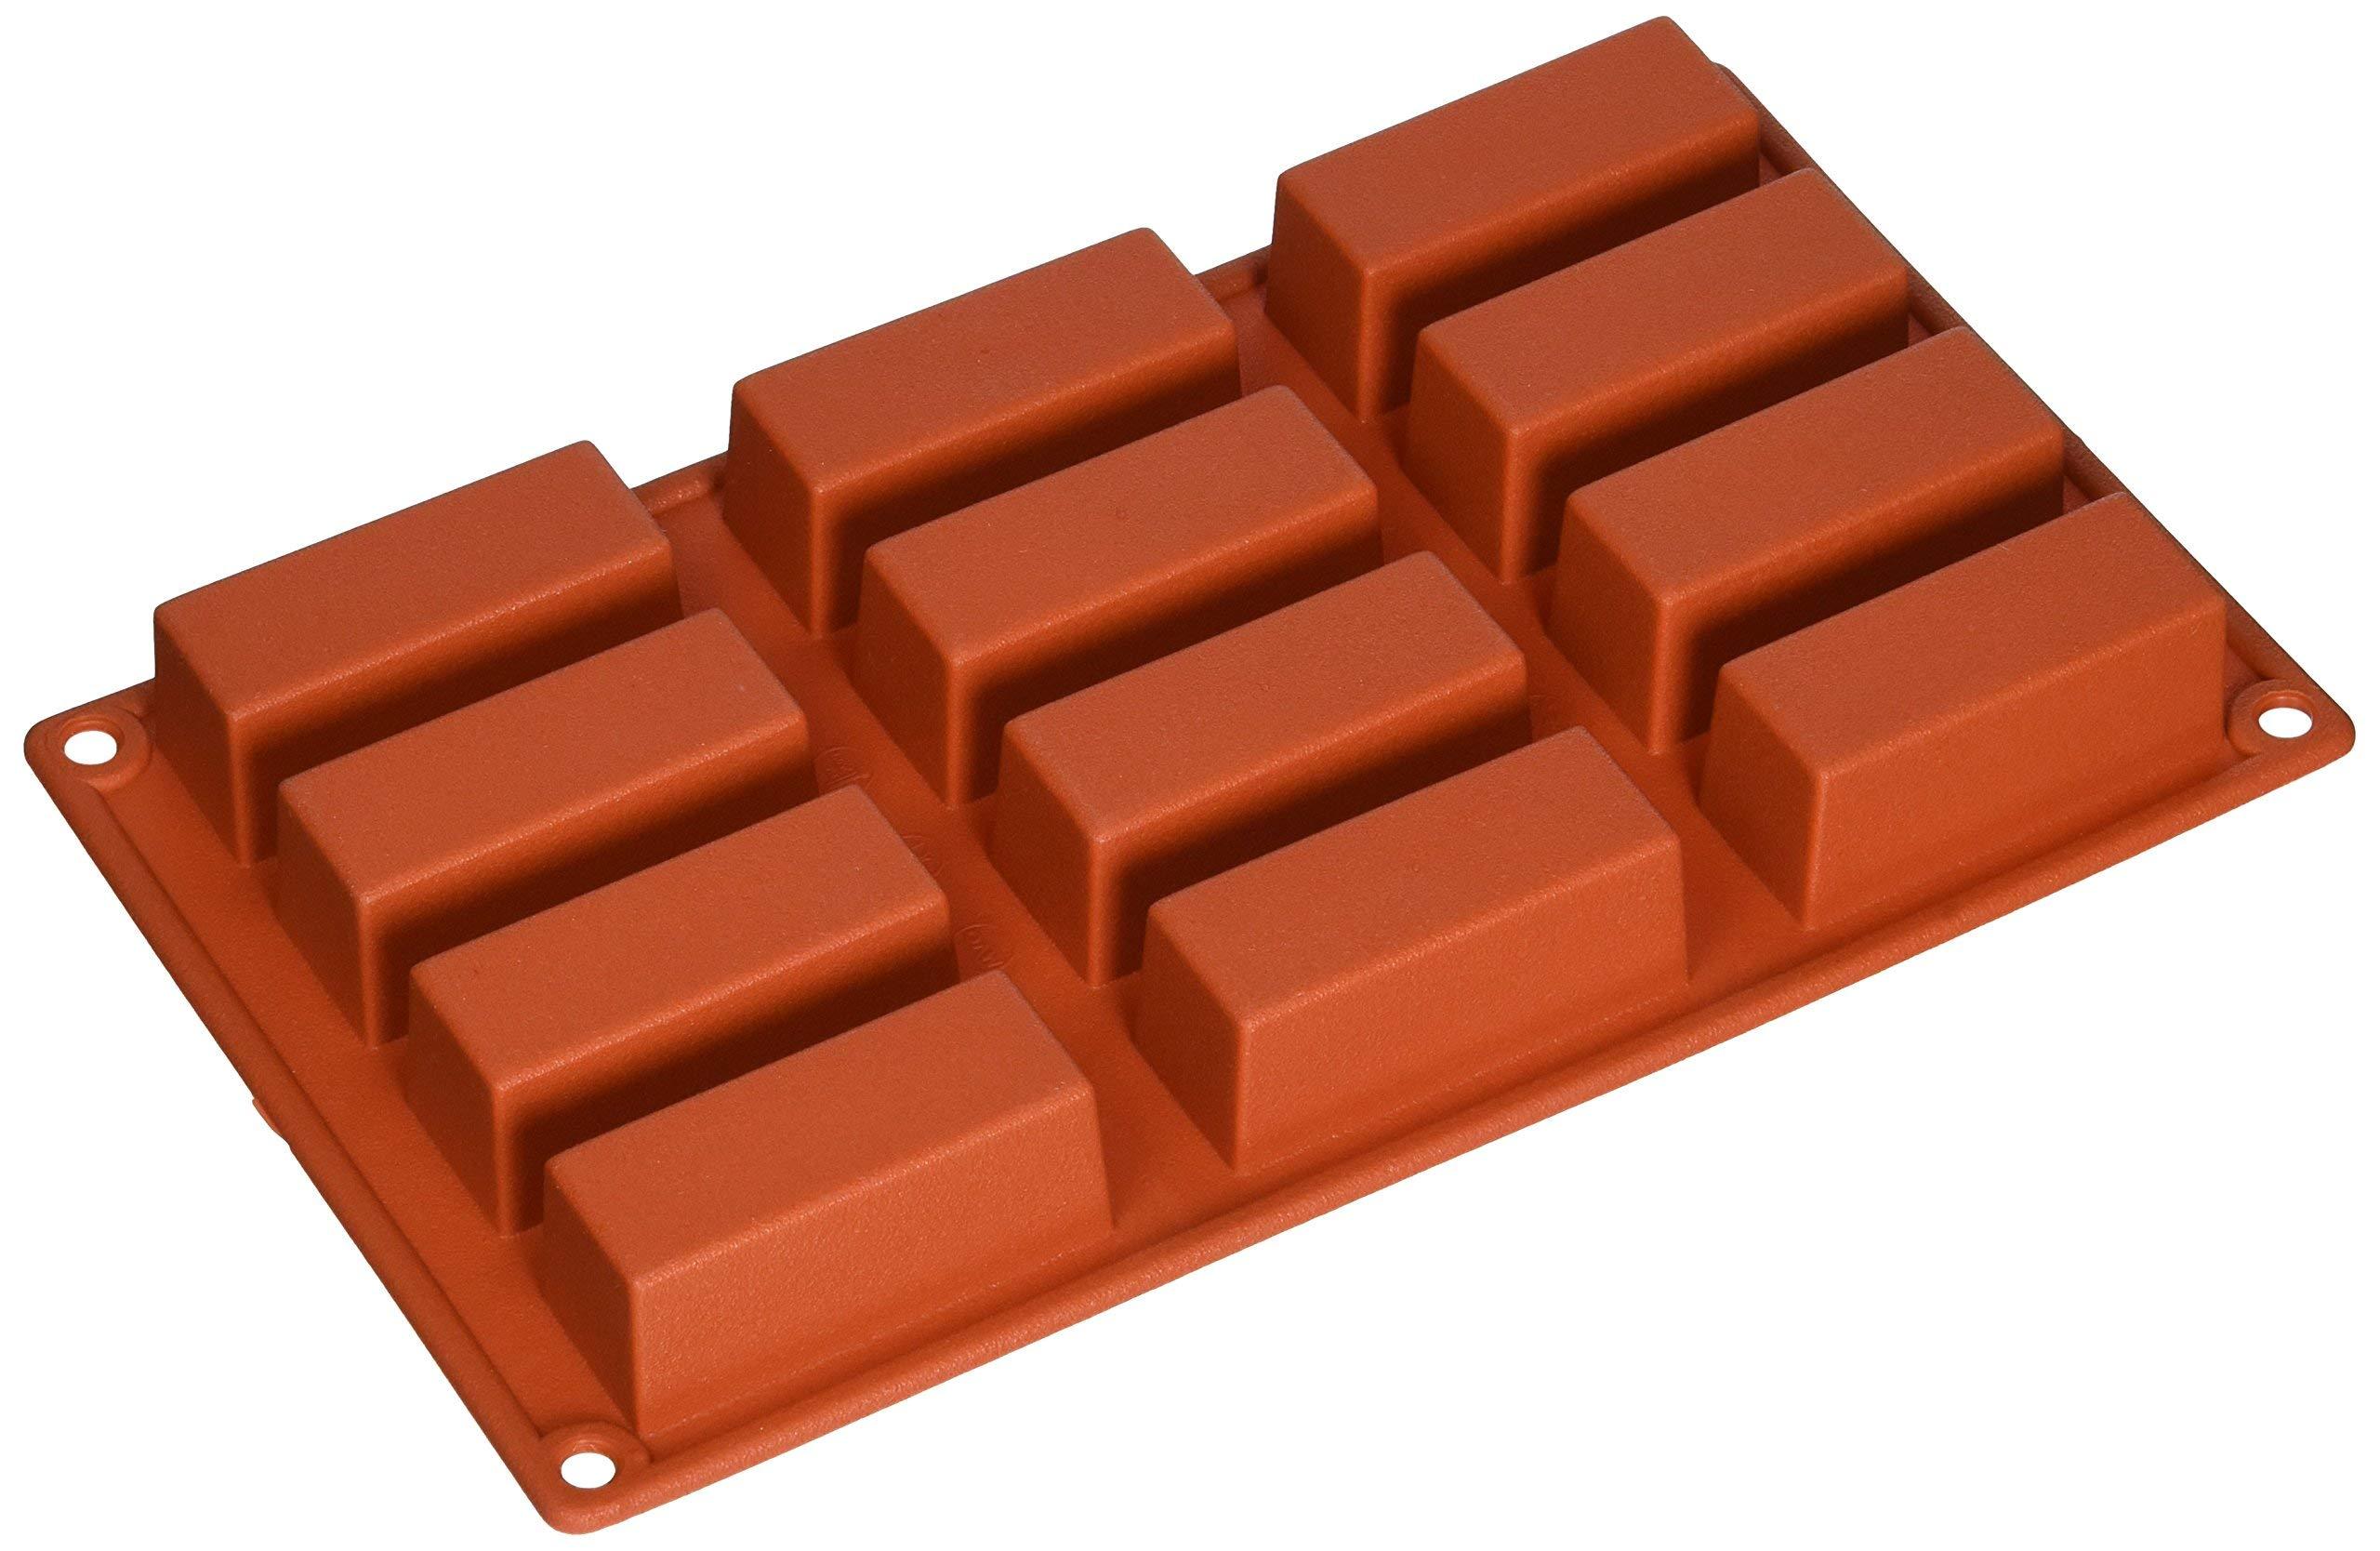 Matfer Bourgeat 257985 Gastroflex Mini Cakes Mold by Matfer Bourgeat (Image #2)